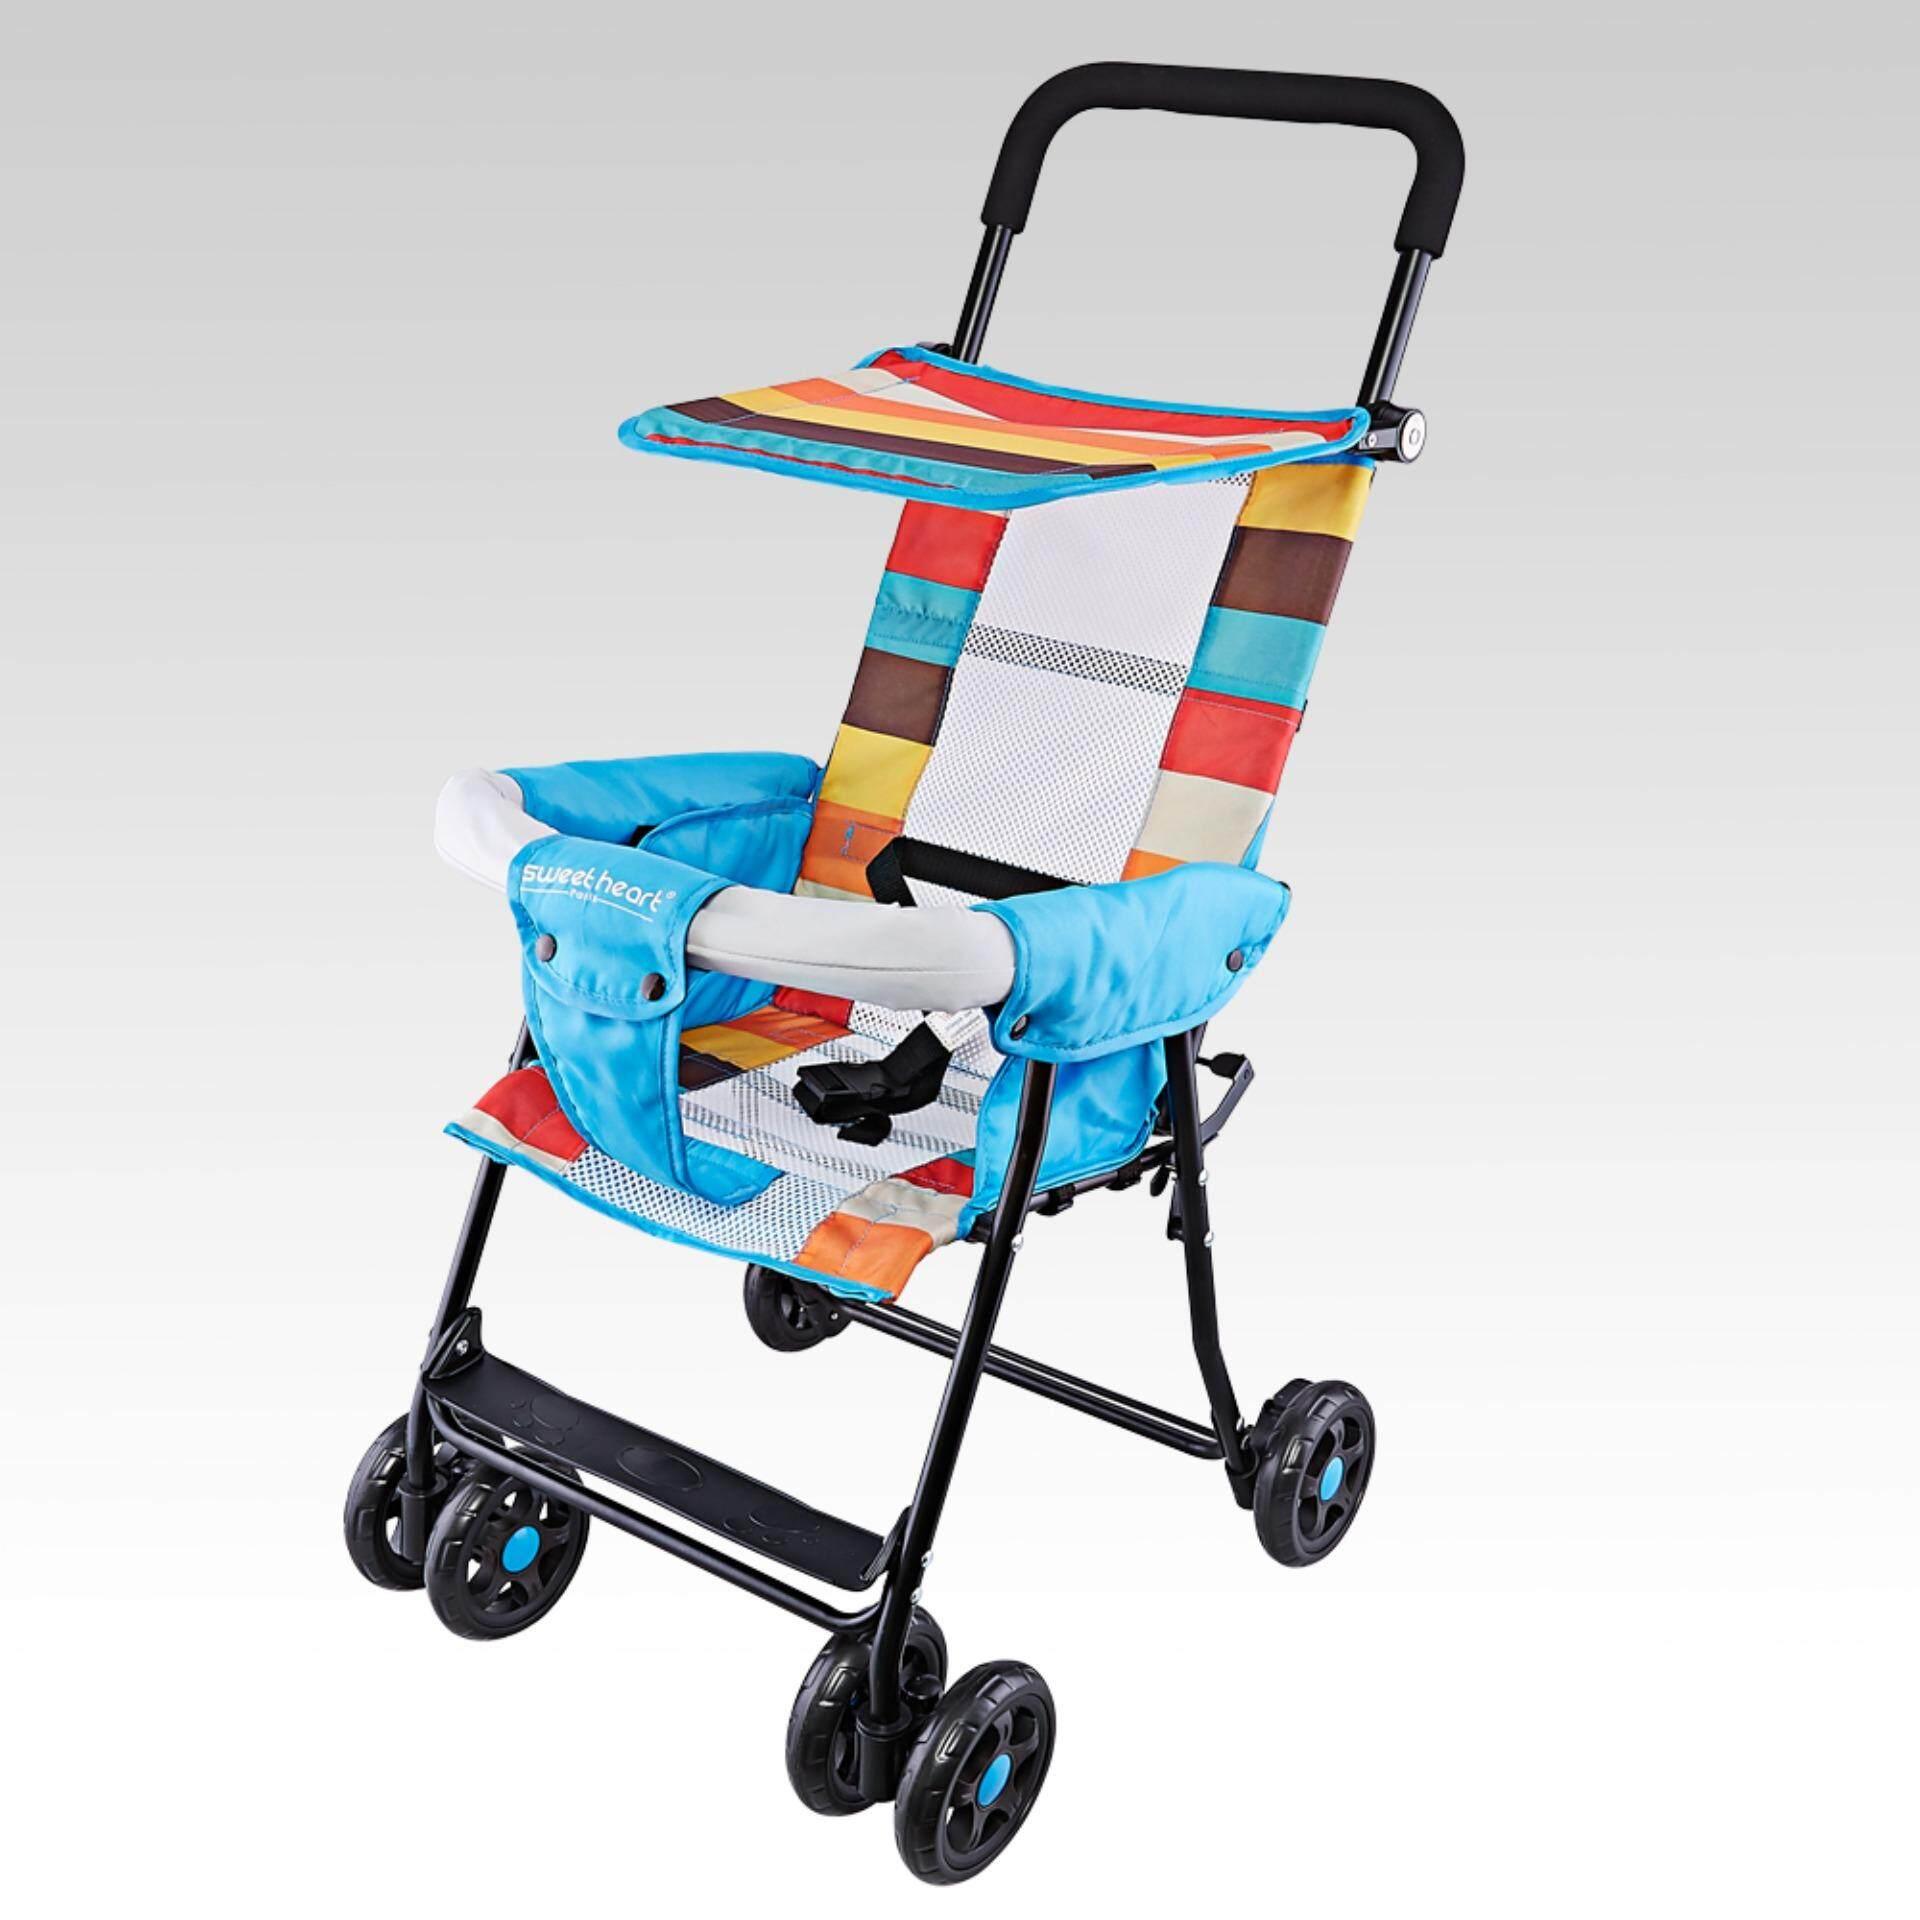 ขายถูกสุดๆ Sanpaulo รถเข็นเด็กแบบนอน Sanpaulo รถเข็นเด็ก เข็นหน้าและหลัง ปรับได้ 3 ระดับ รุ่น AL-606 แถมฟรีมุ้งกันยุง+กันแดดเท้า เคลมสินค้าได้